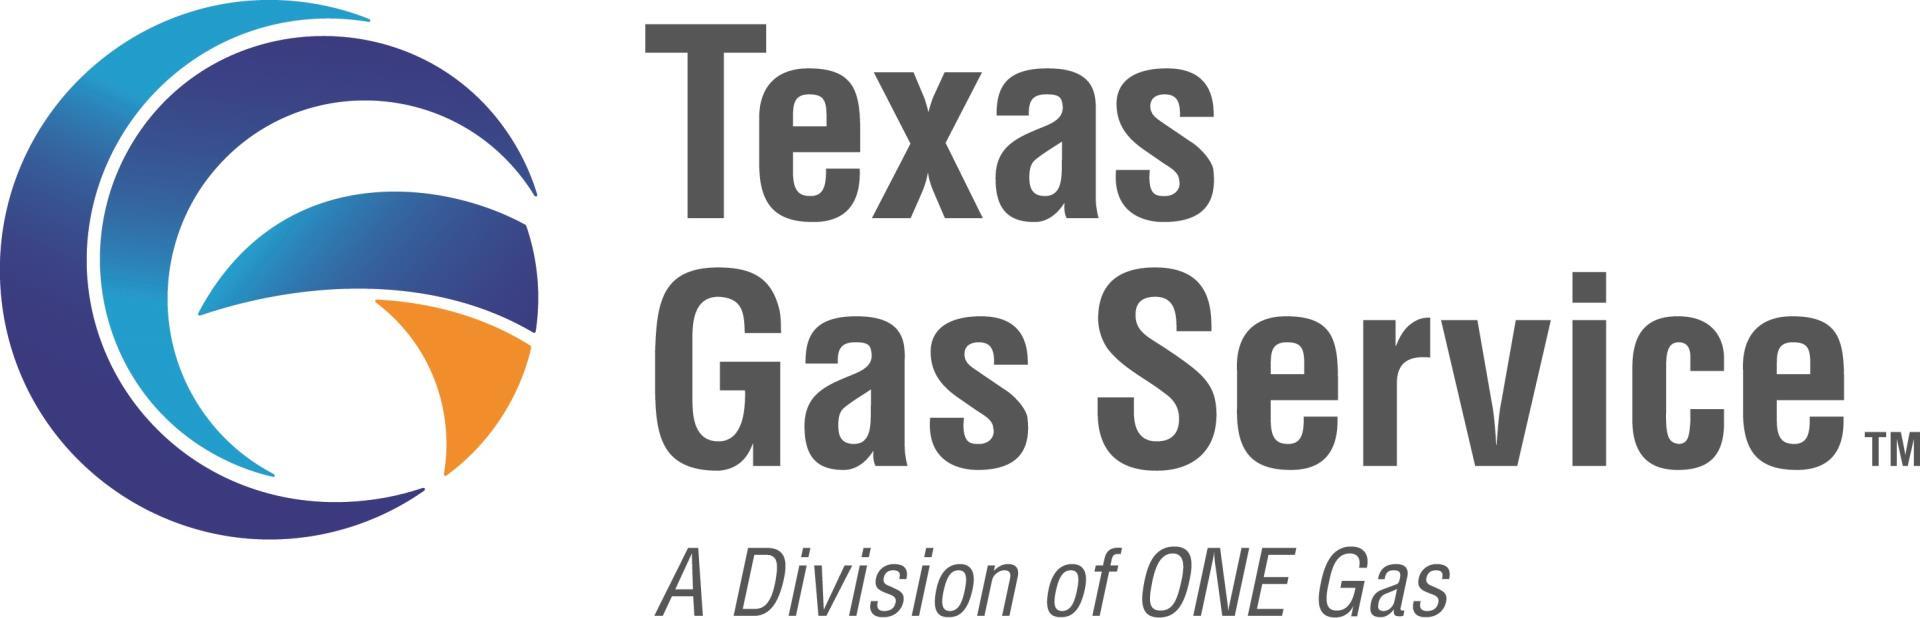 www.texasgasservice.com